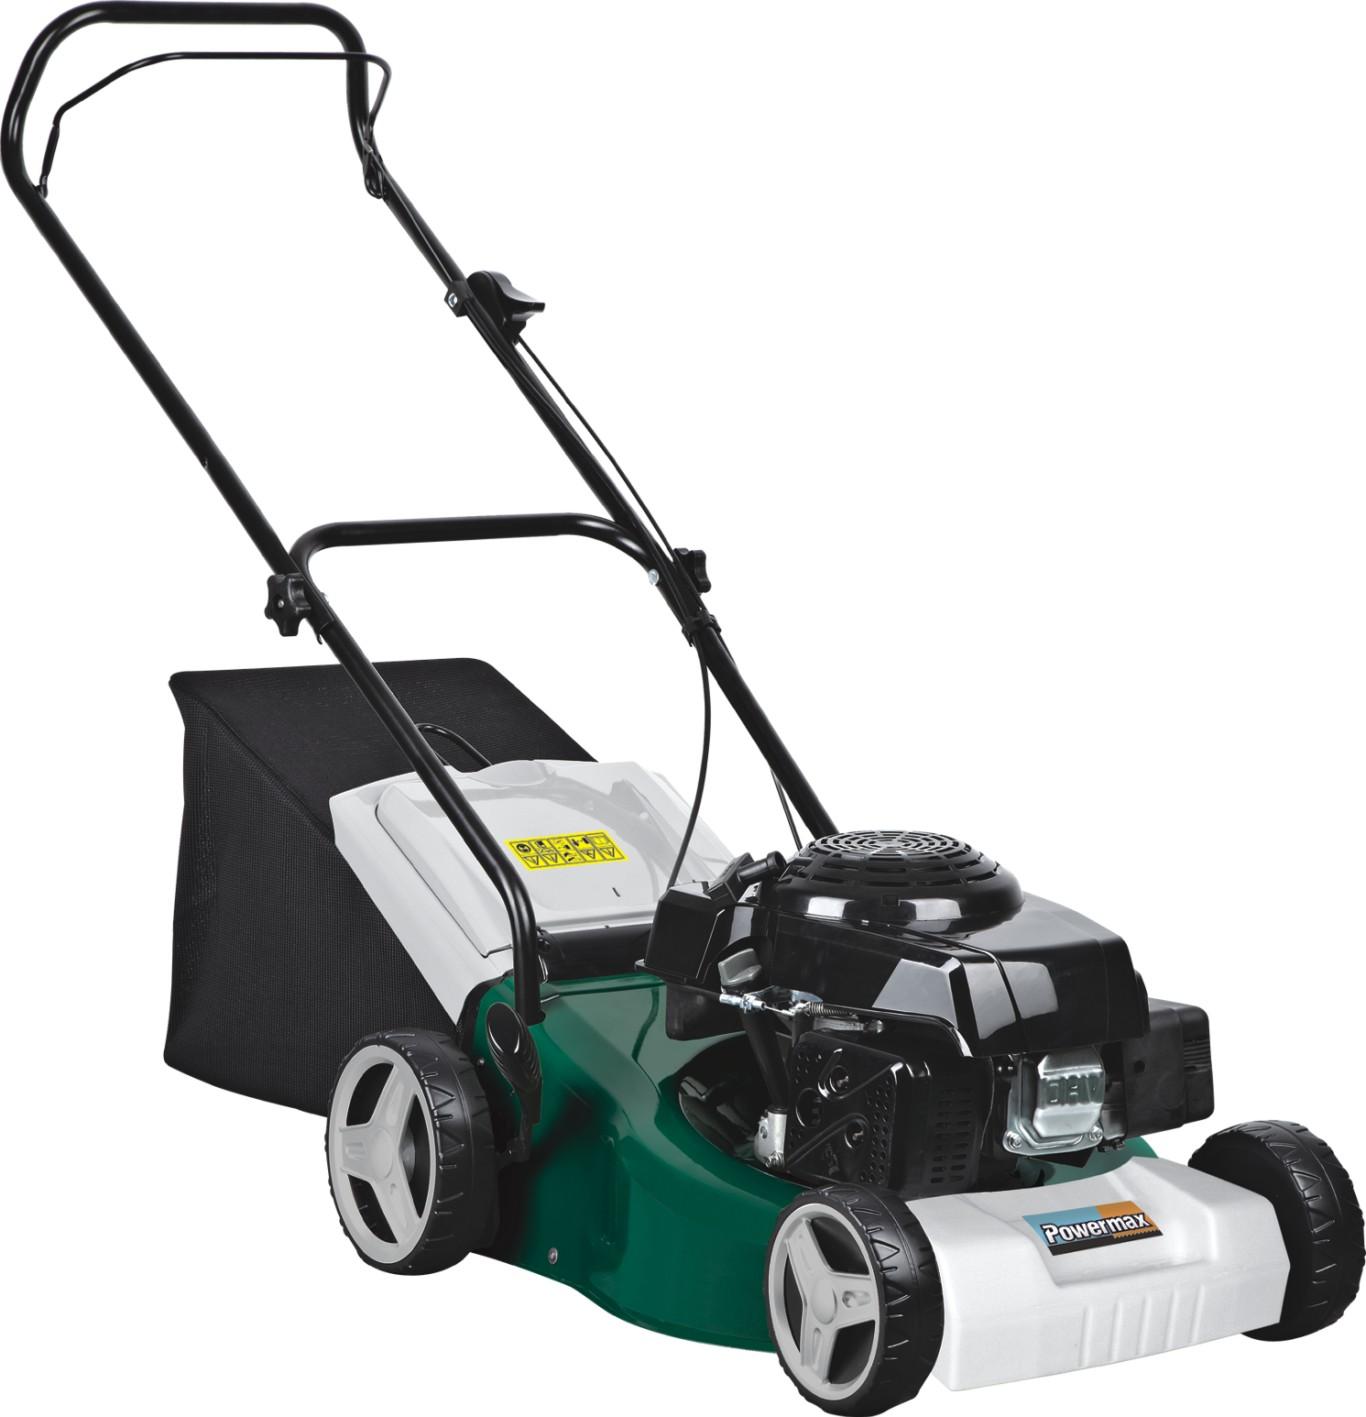 Máy cắt cỏ đẩy tay One Power LG46CP hinh anh 1